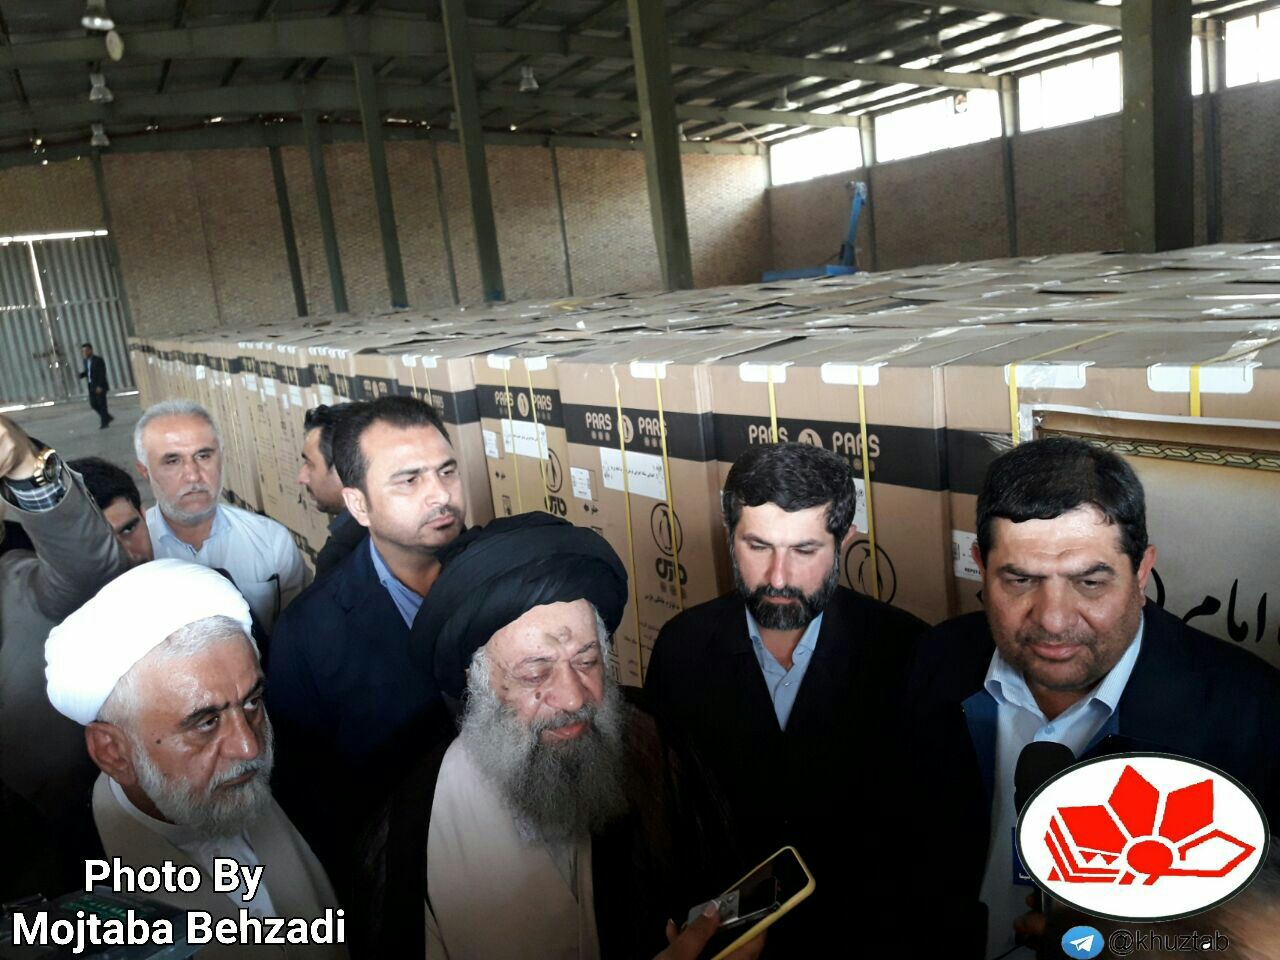 IMG 20190720 043622 081 محمد مخبر خبر داد: اهدای ۲هزار پکیج لوازم خانگی در مناطق زلزله زده مسجدسلیمان